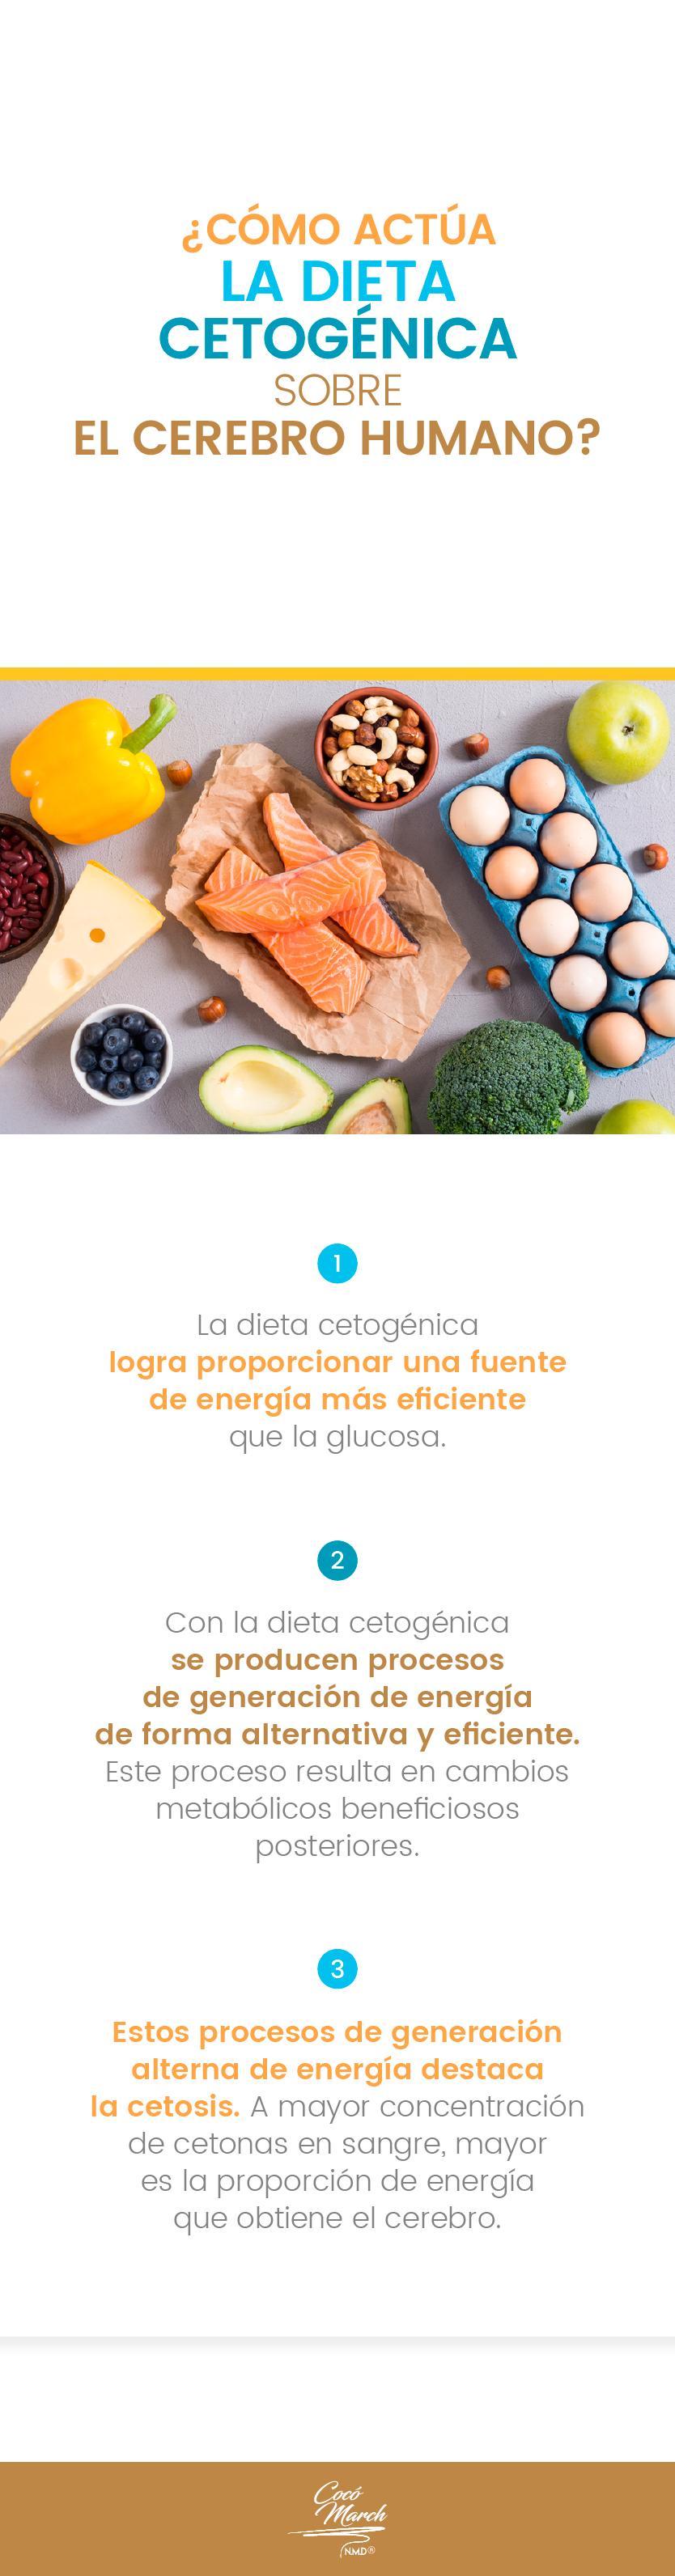 como-actua-la-dieta-cetogenica-sobre-el-cerebro